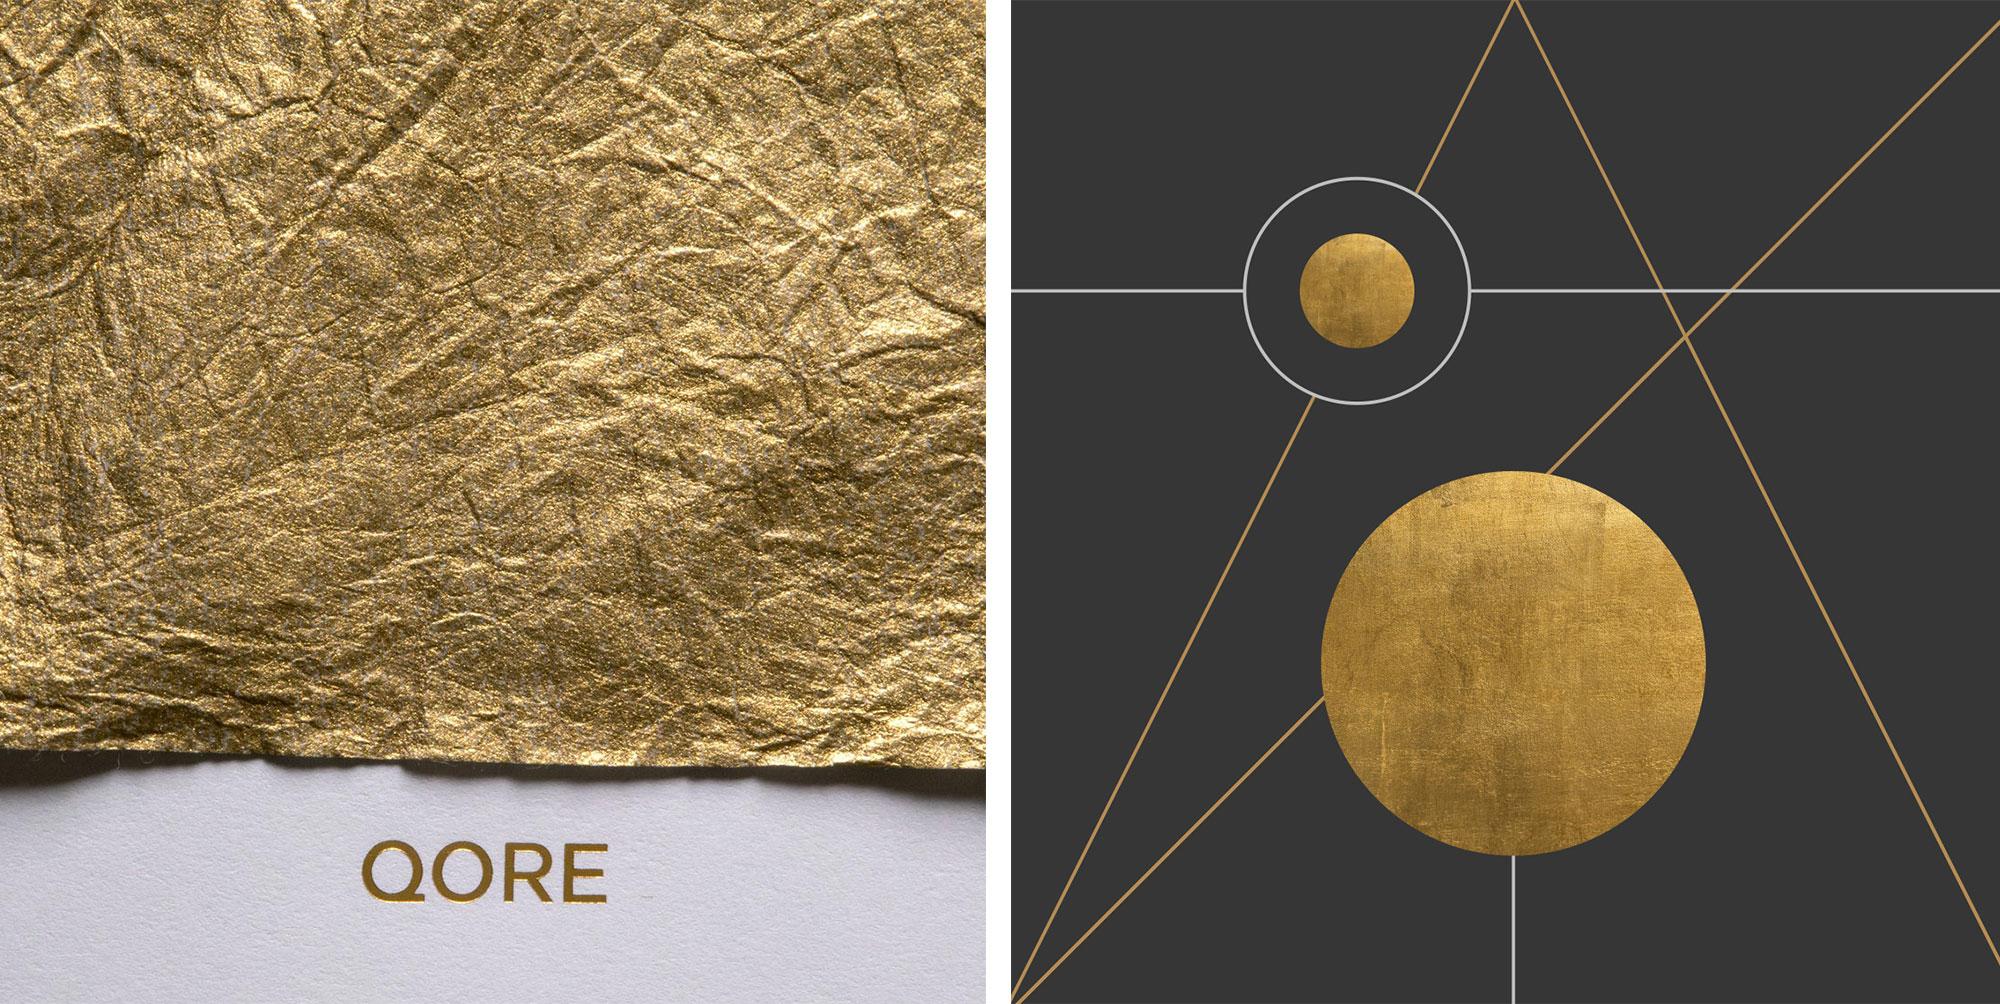 06_TRUF-QORE-gold-identity_GFY.jpg